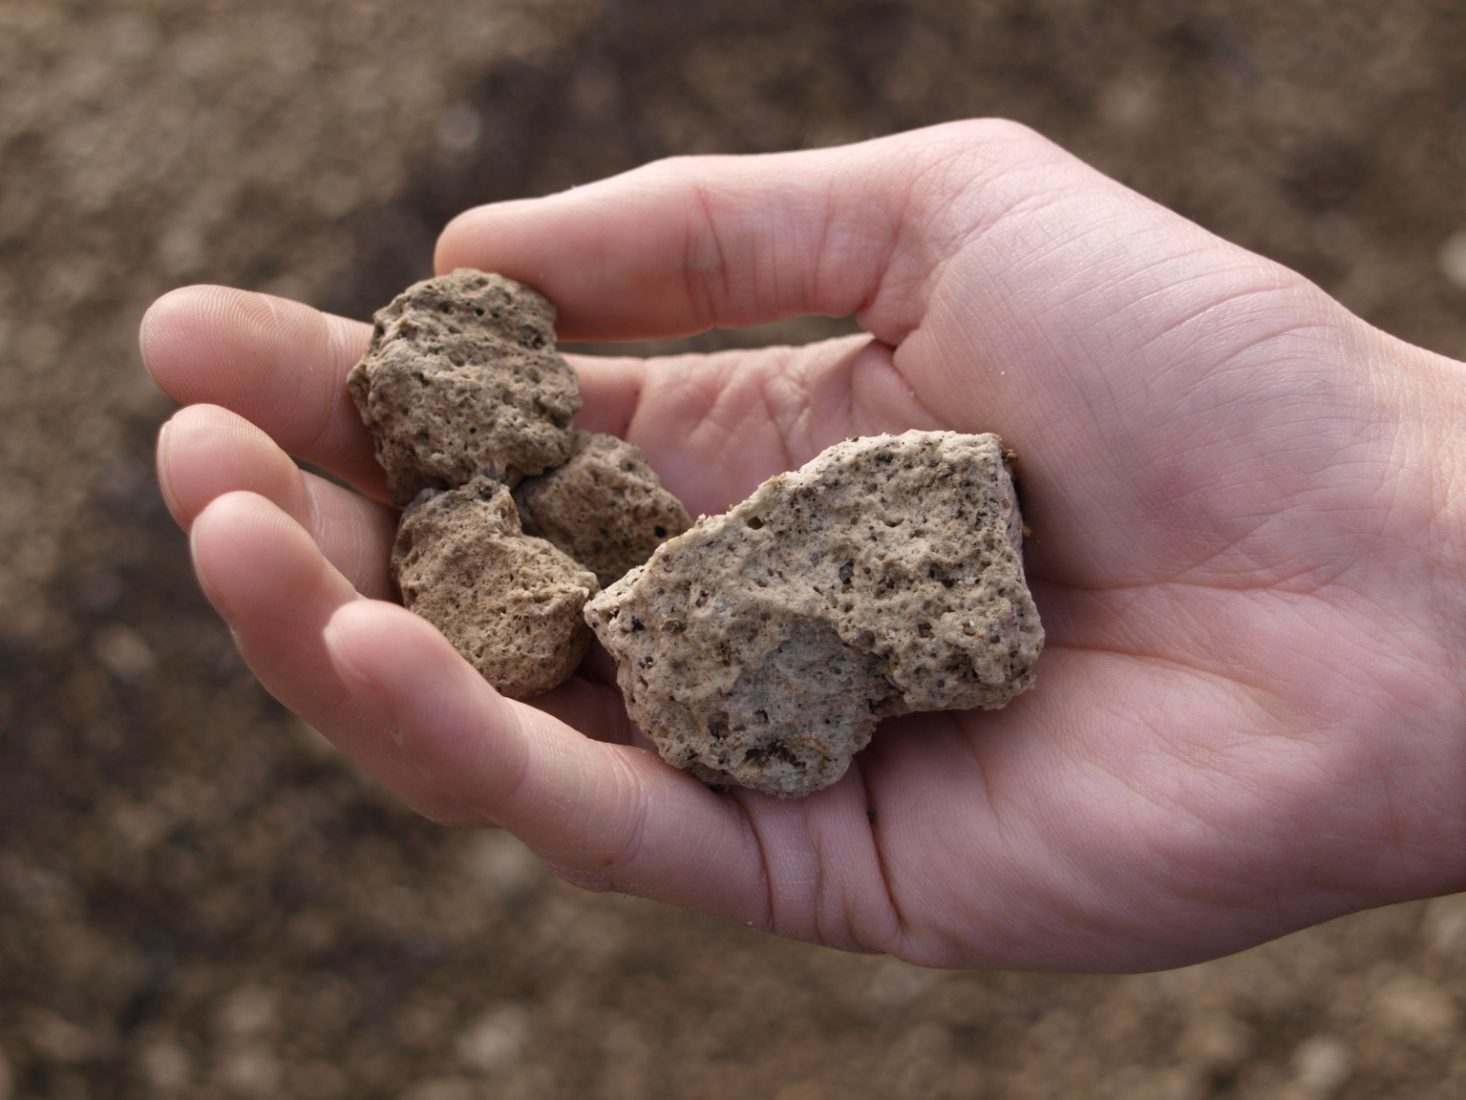 Naturbims besteht bis zu 85 % aus Luftporen. Fotos: Bundesverband Leichtbeton e.V.